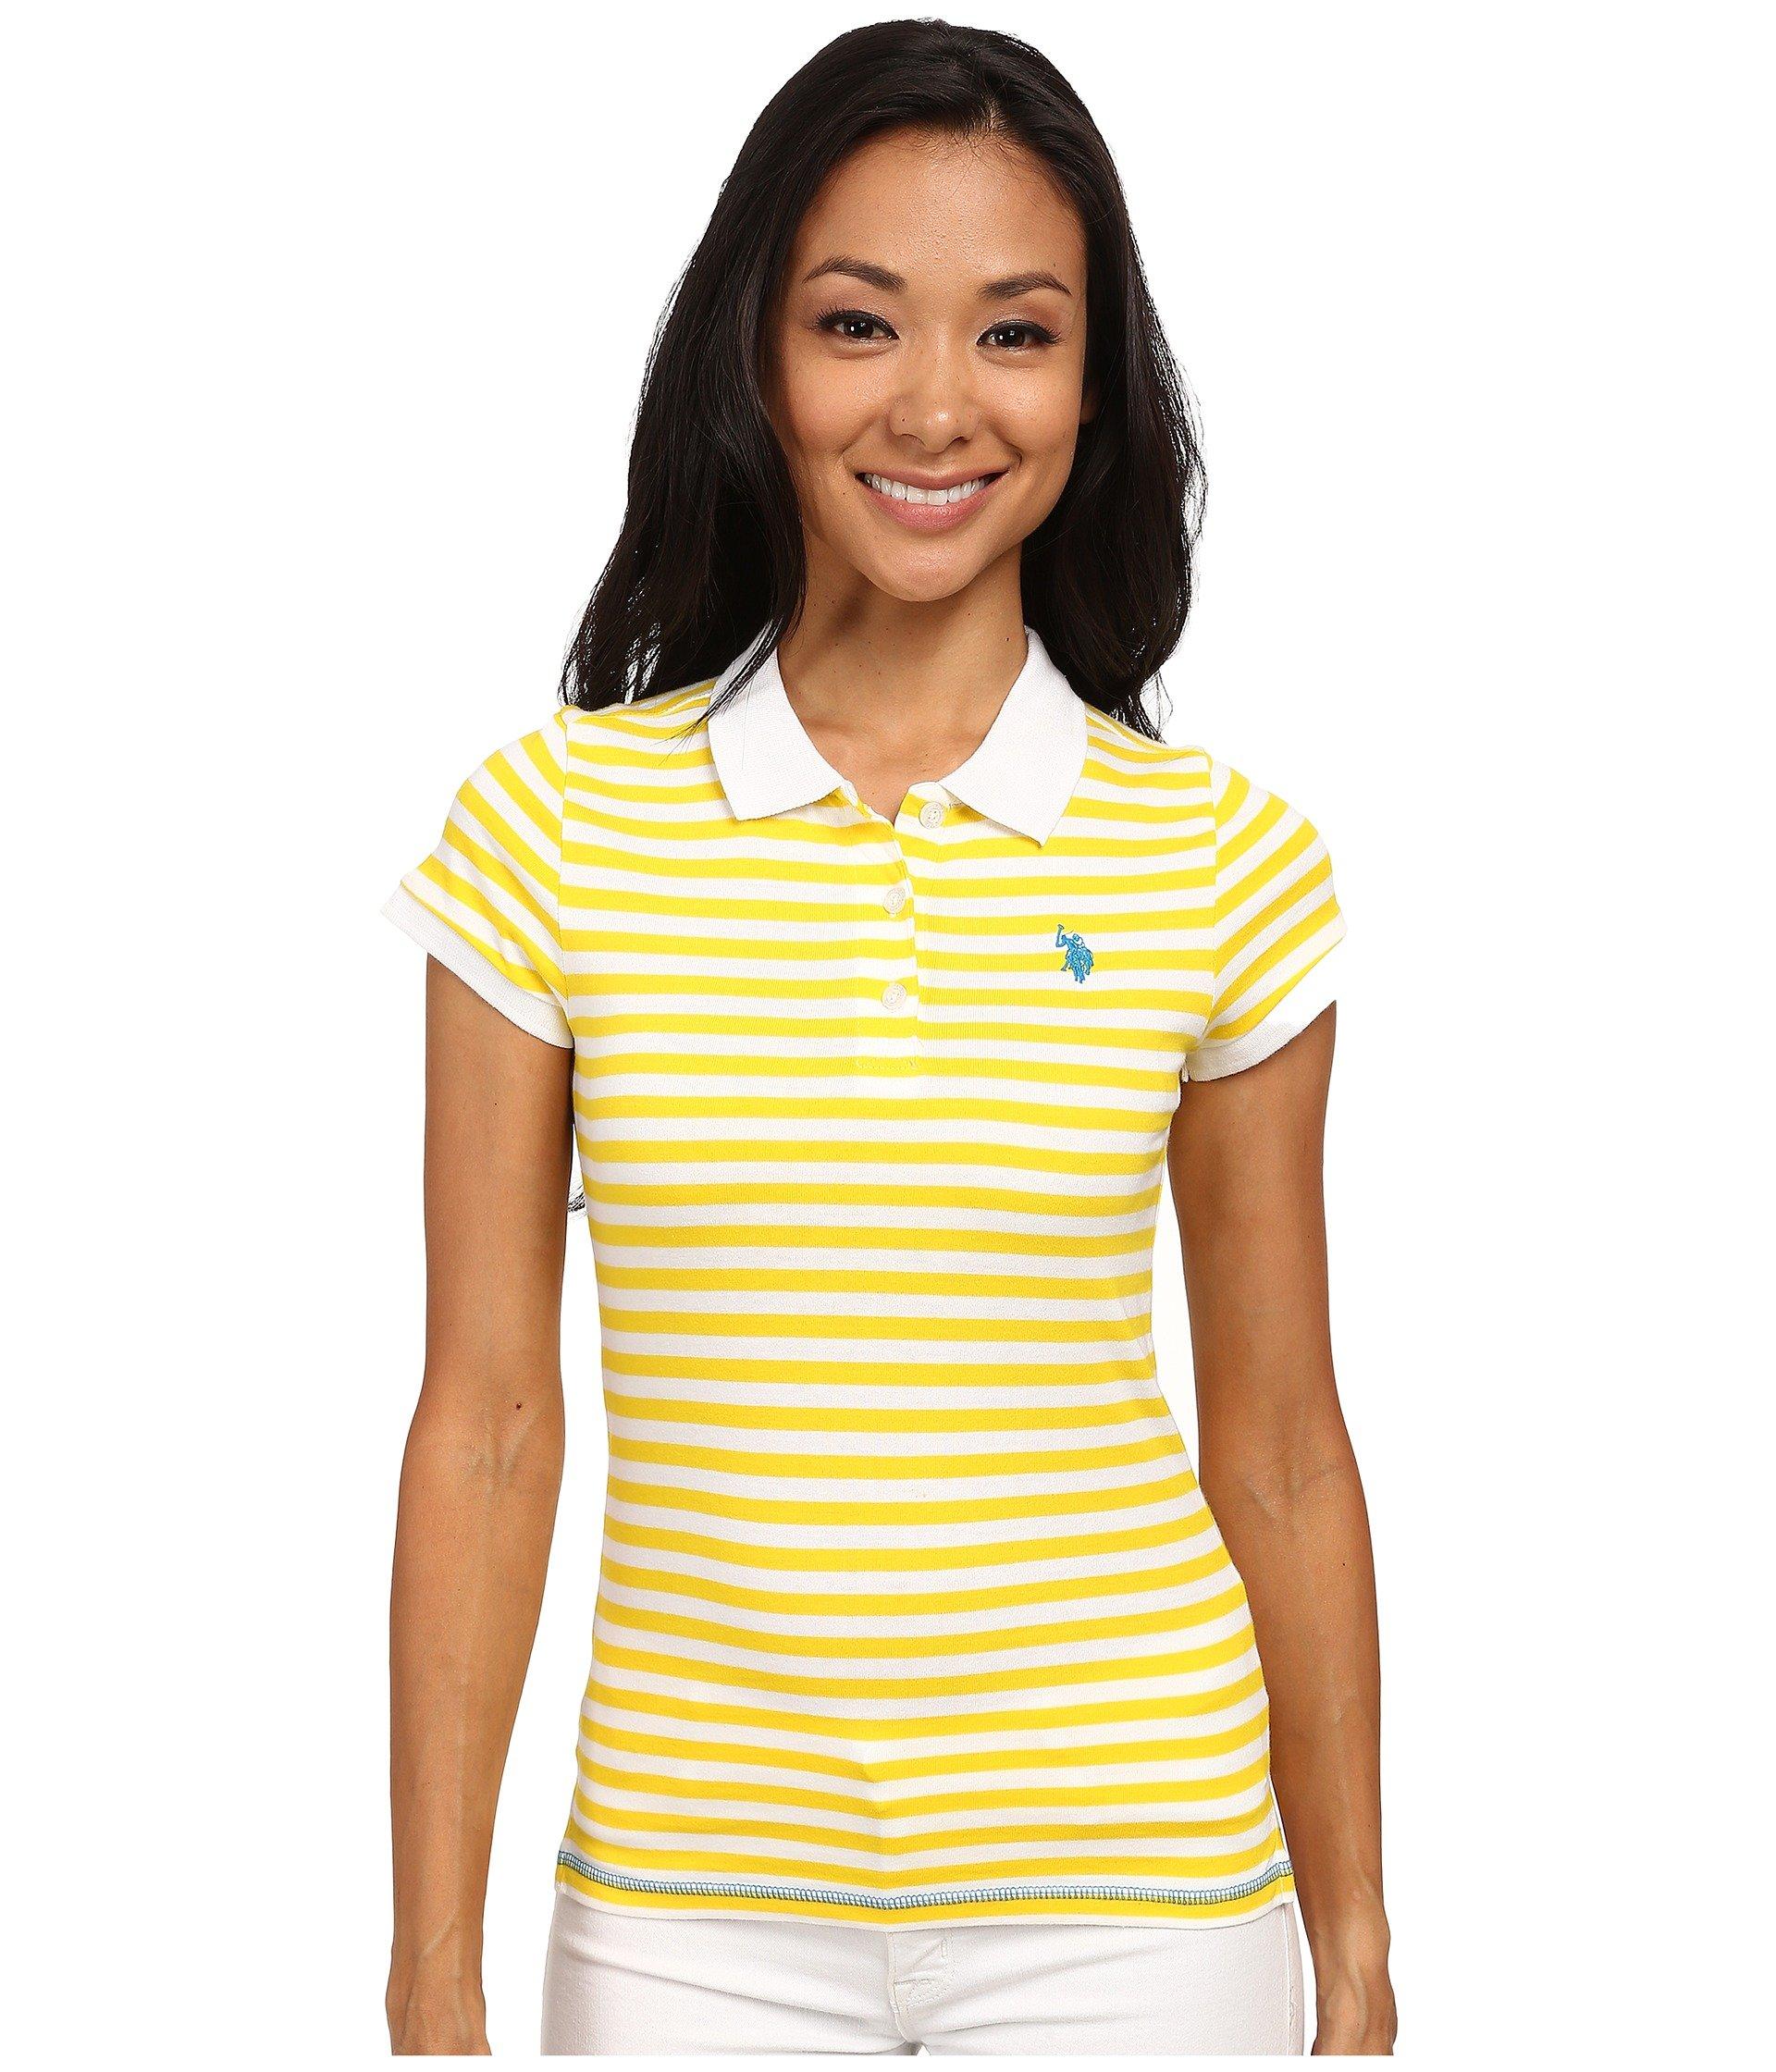 Camiseta Tipo Polo para Mujer U.S. POLO ASSN. Tonal Stripe Slub V-Neck T-Shirt  + U.S. POLO ASSN. en VeoyCompro.net